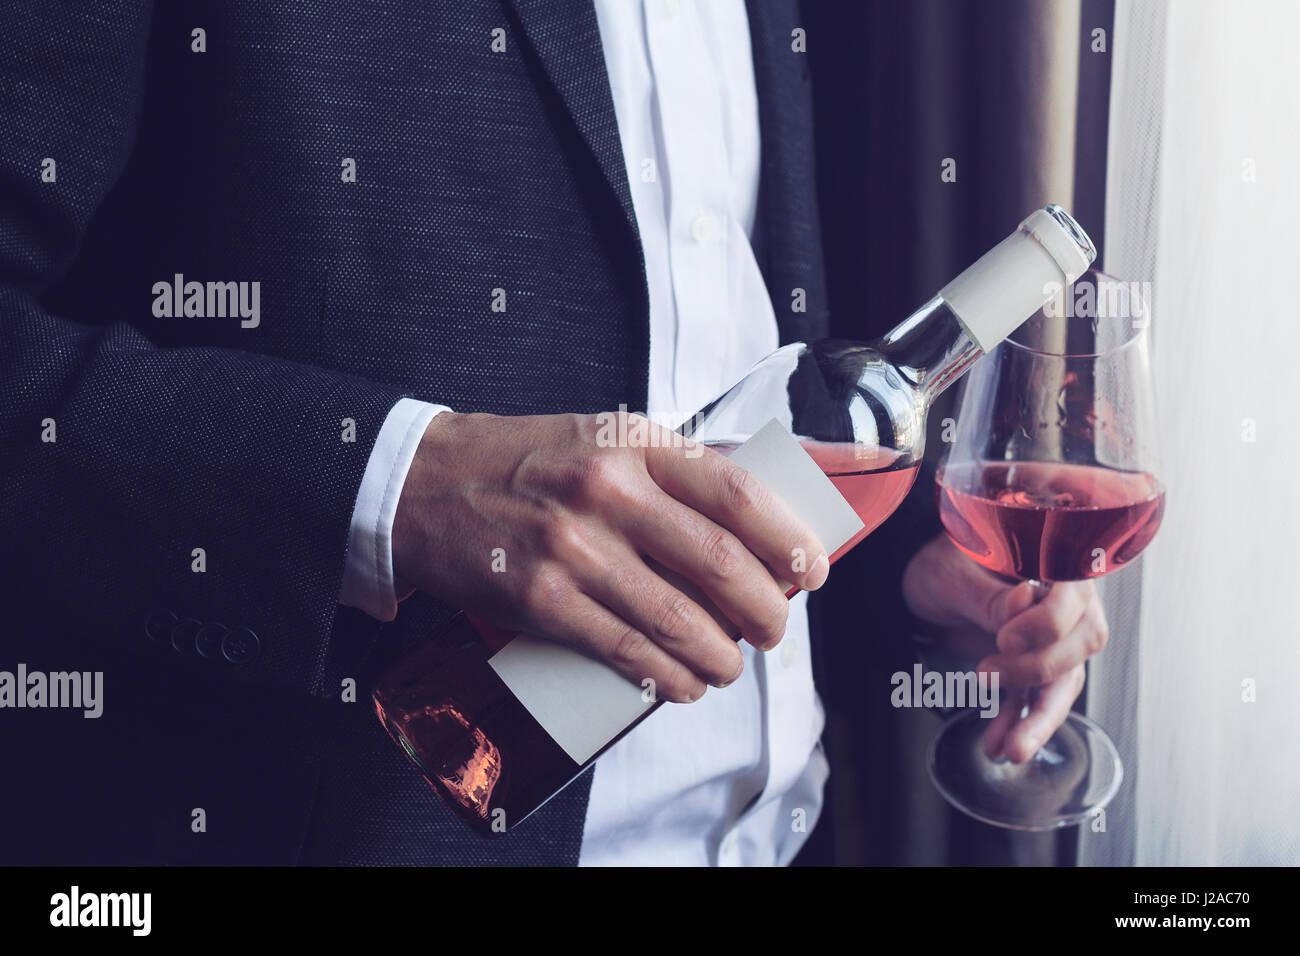 Horizontale Nahaufnahme von kaukasischen Mann im schwarzen Anzug und weißes Hemd strömenden Roséwein Stockbild